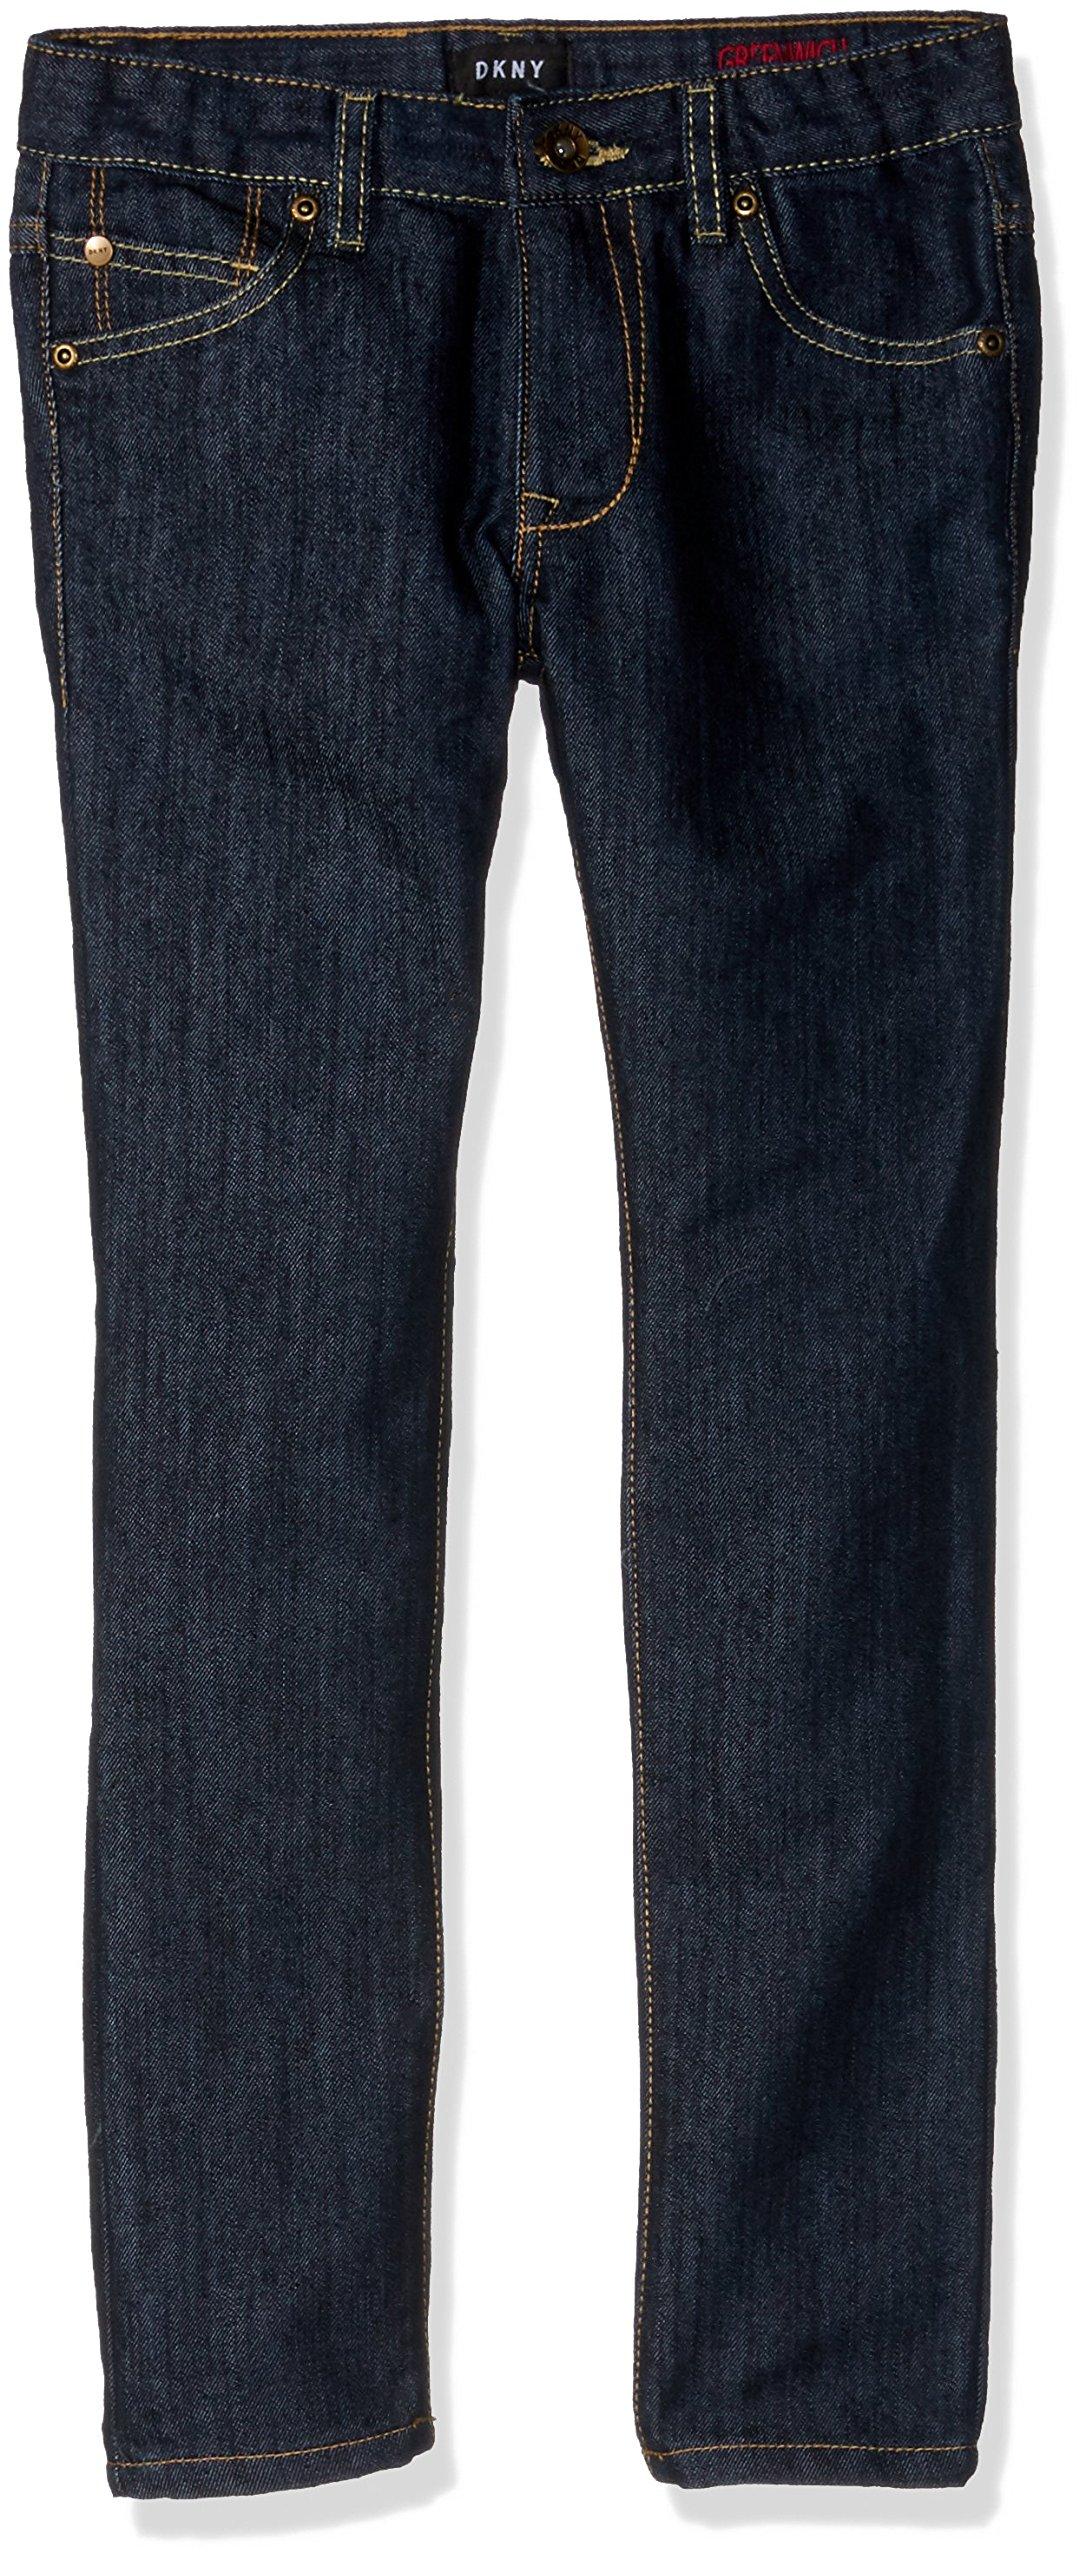 DKNY Big Boys' Greenwich Slim Fit Stretch 5 Pocket Denim Jean, Raw Indigo, 18